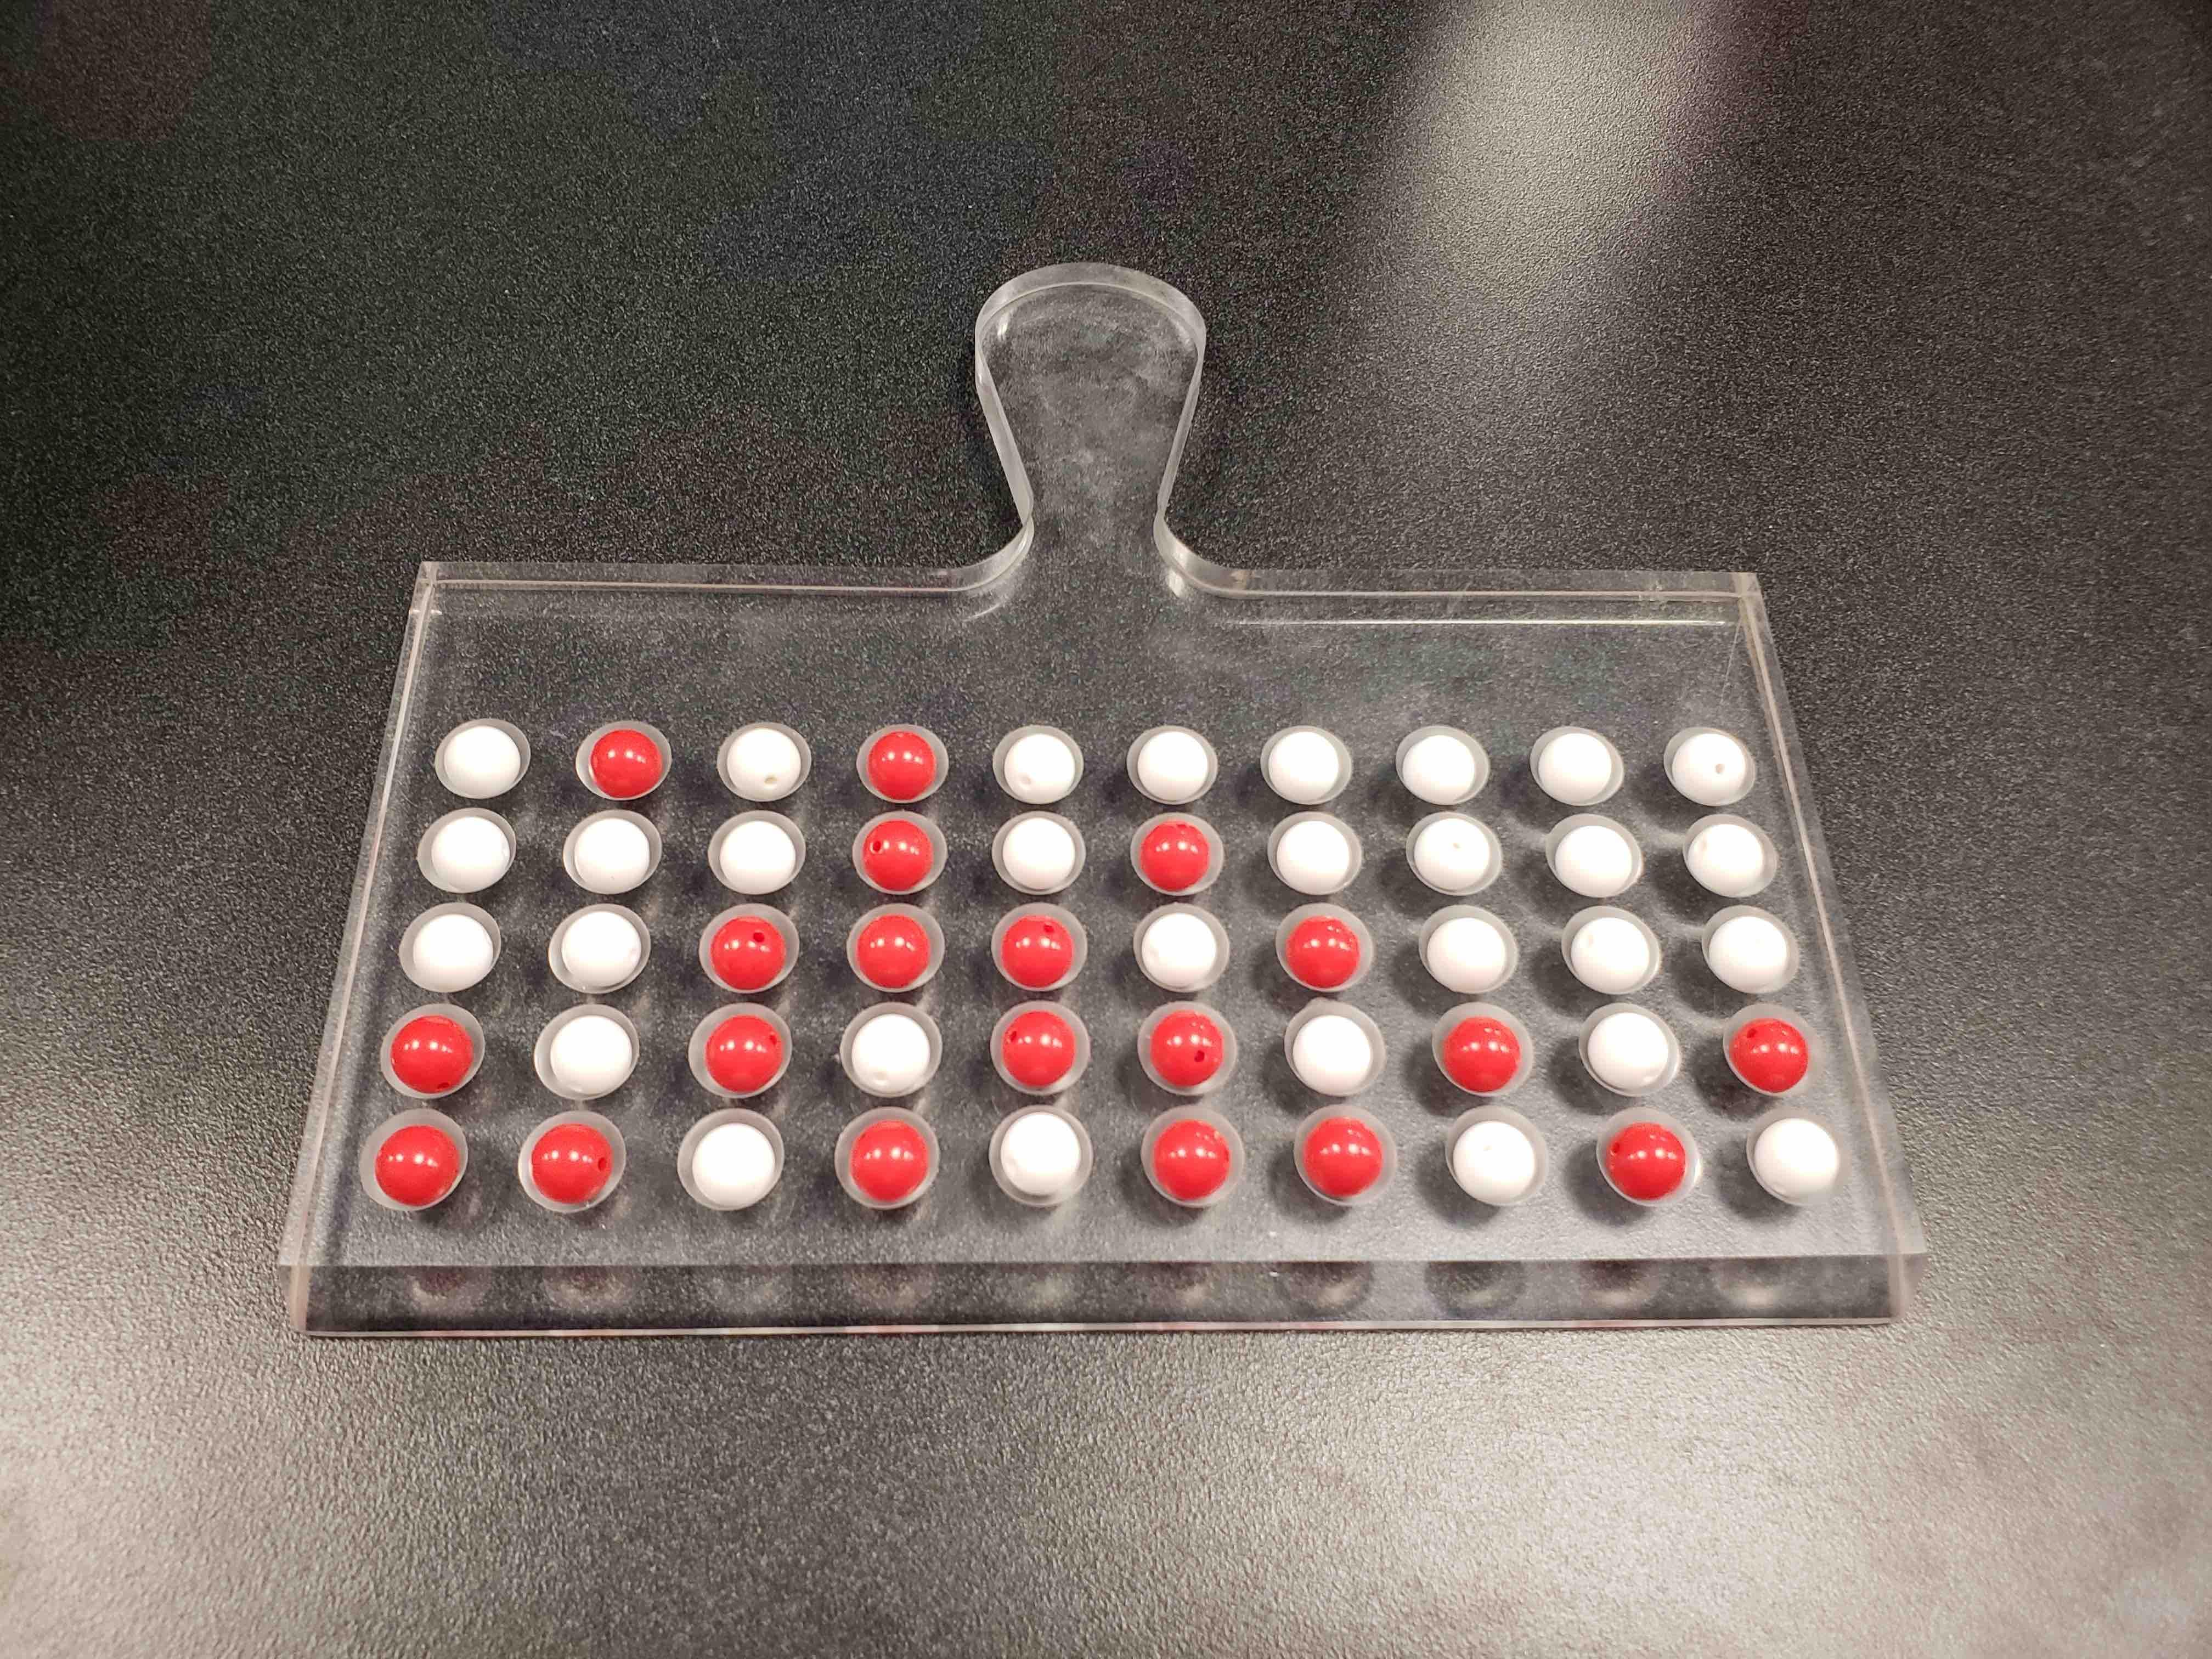 Tactile shovel for sampling n = 50 balls